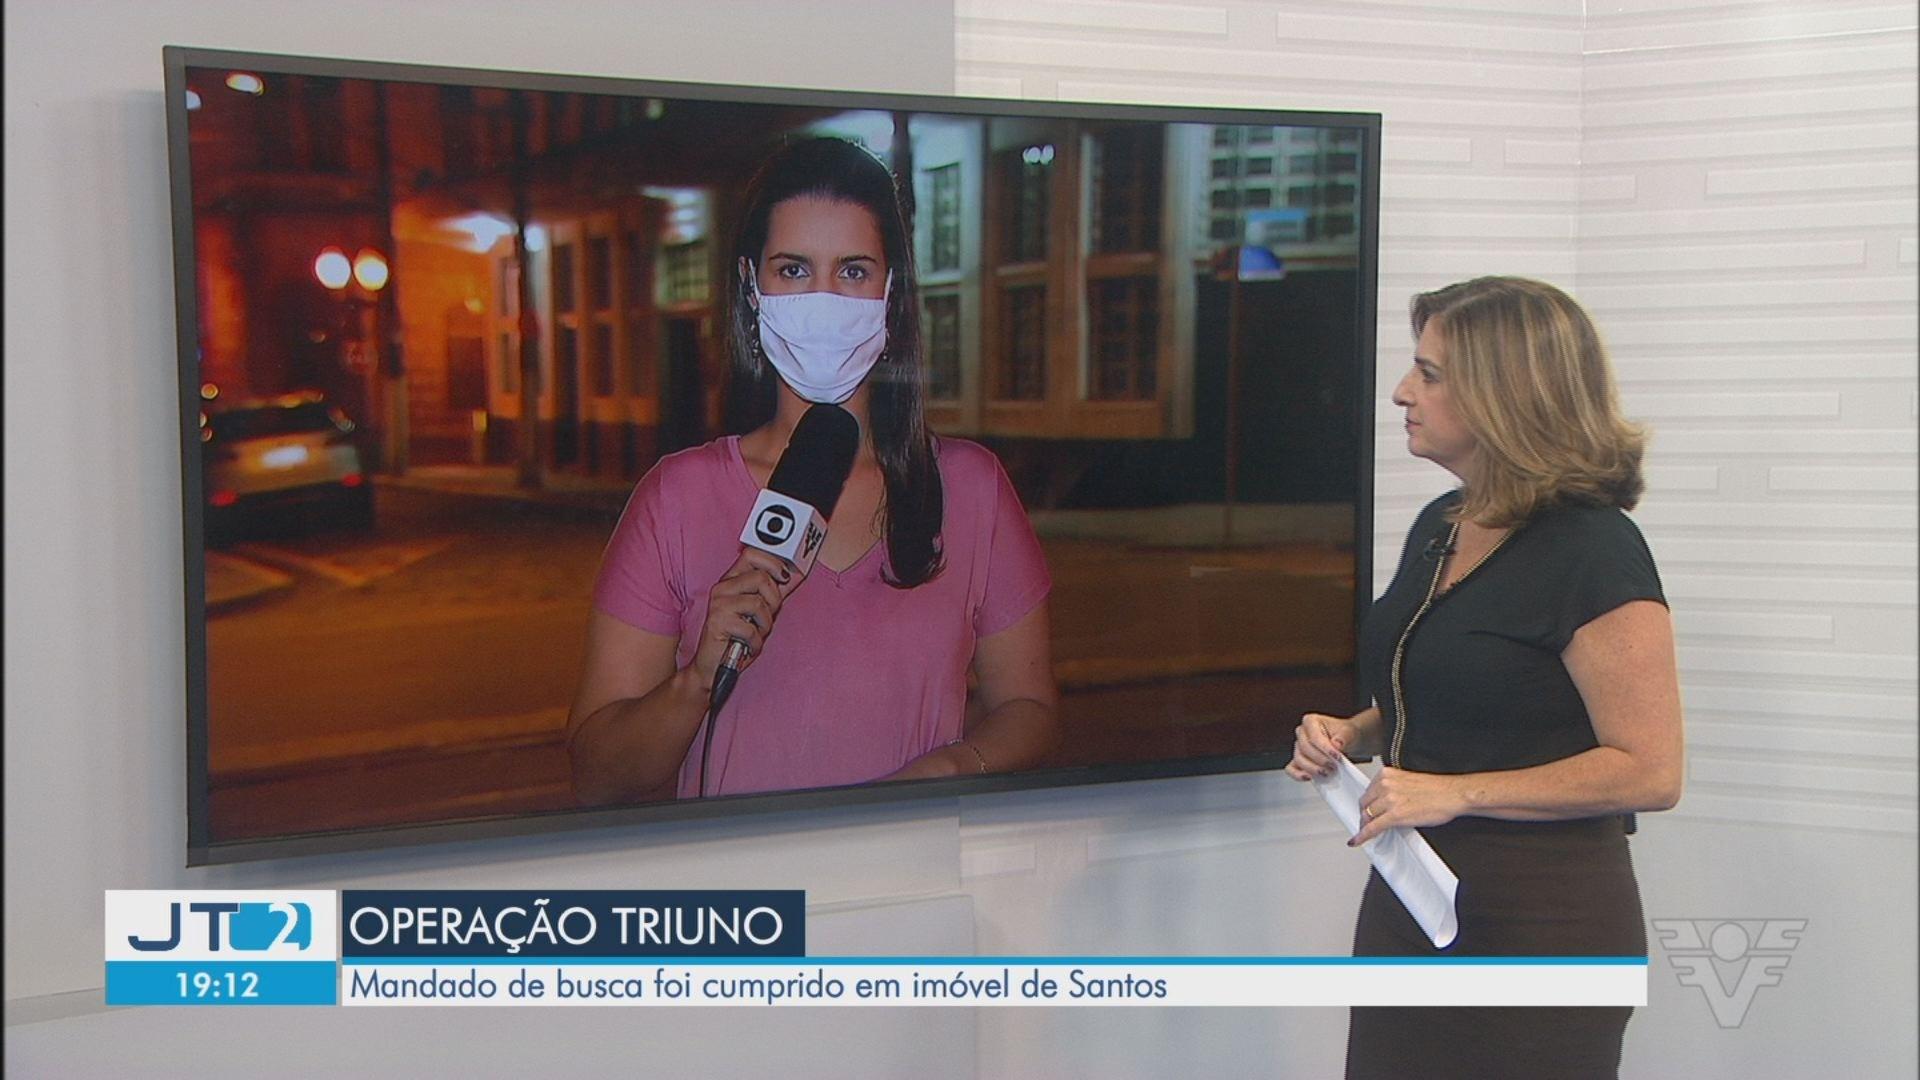 VÍDEOS: Jornal da Tribuna 2ª Edição de segunda-feira, 26 de outubro